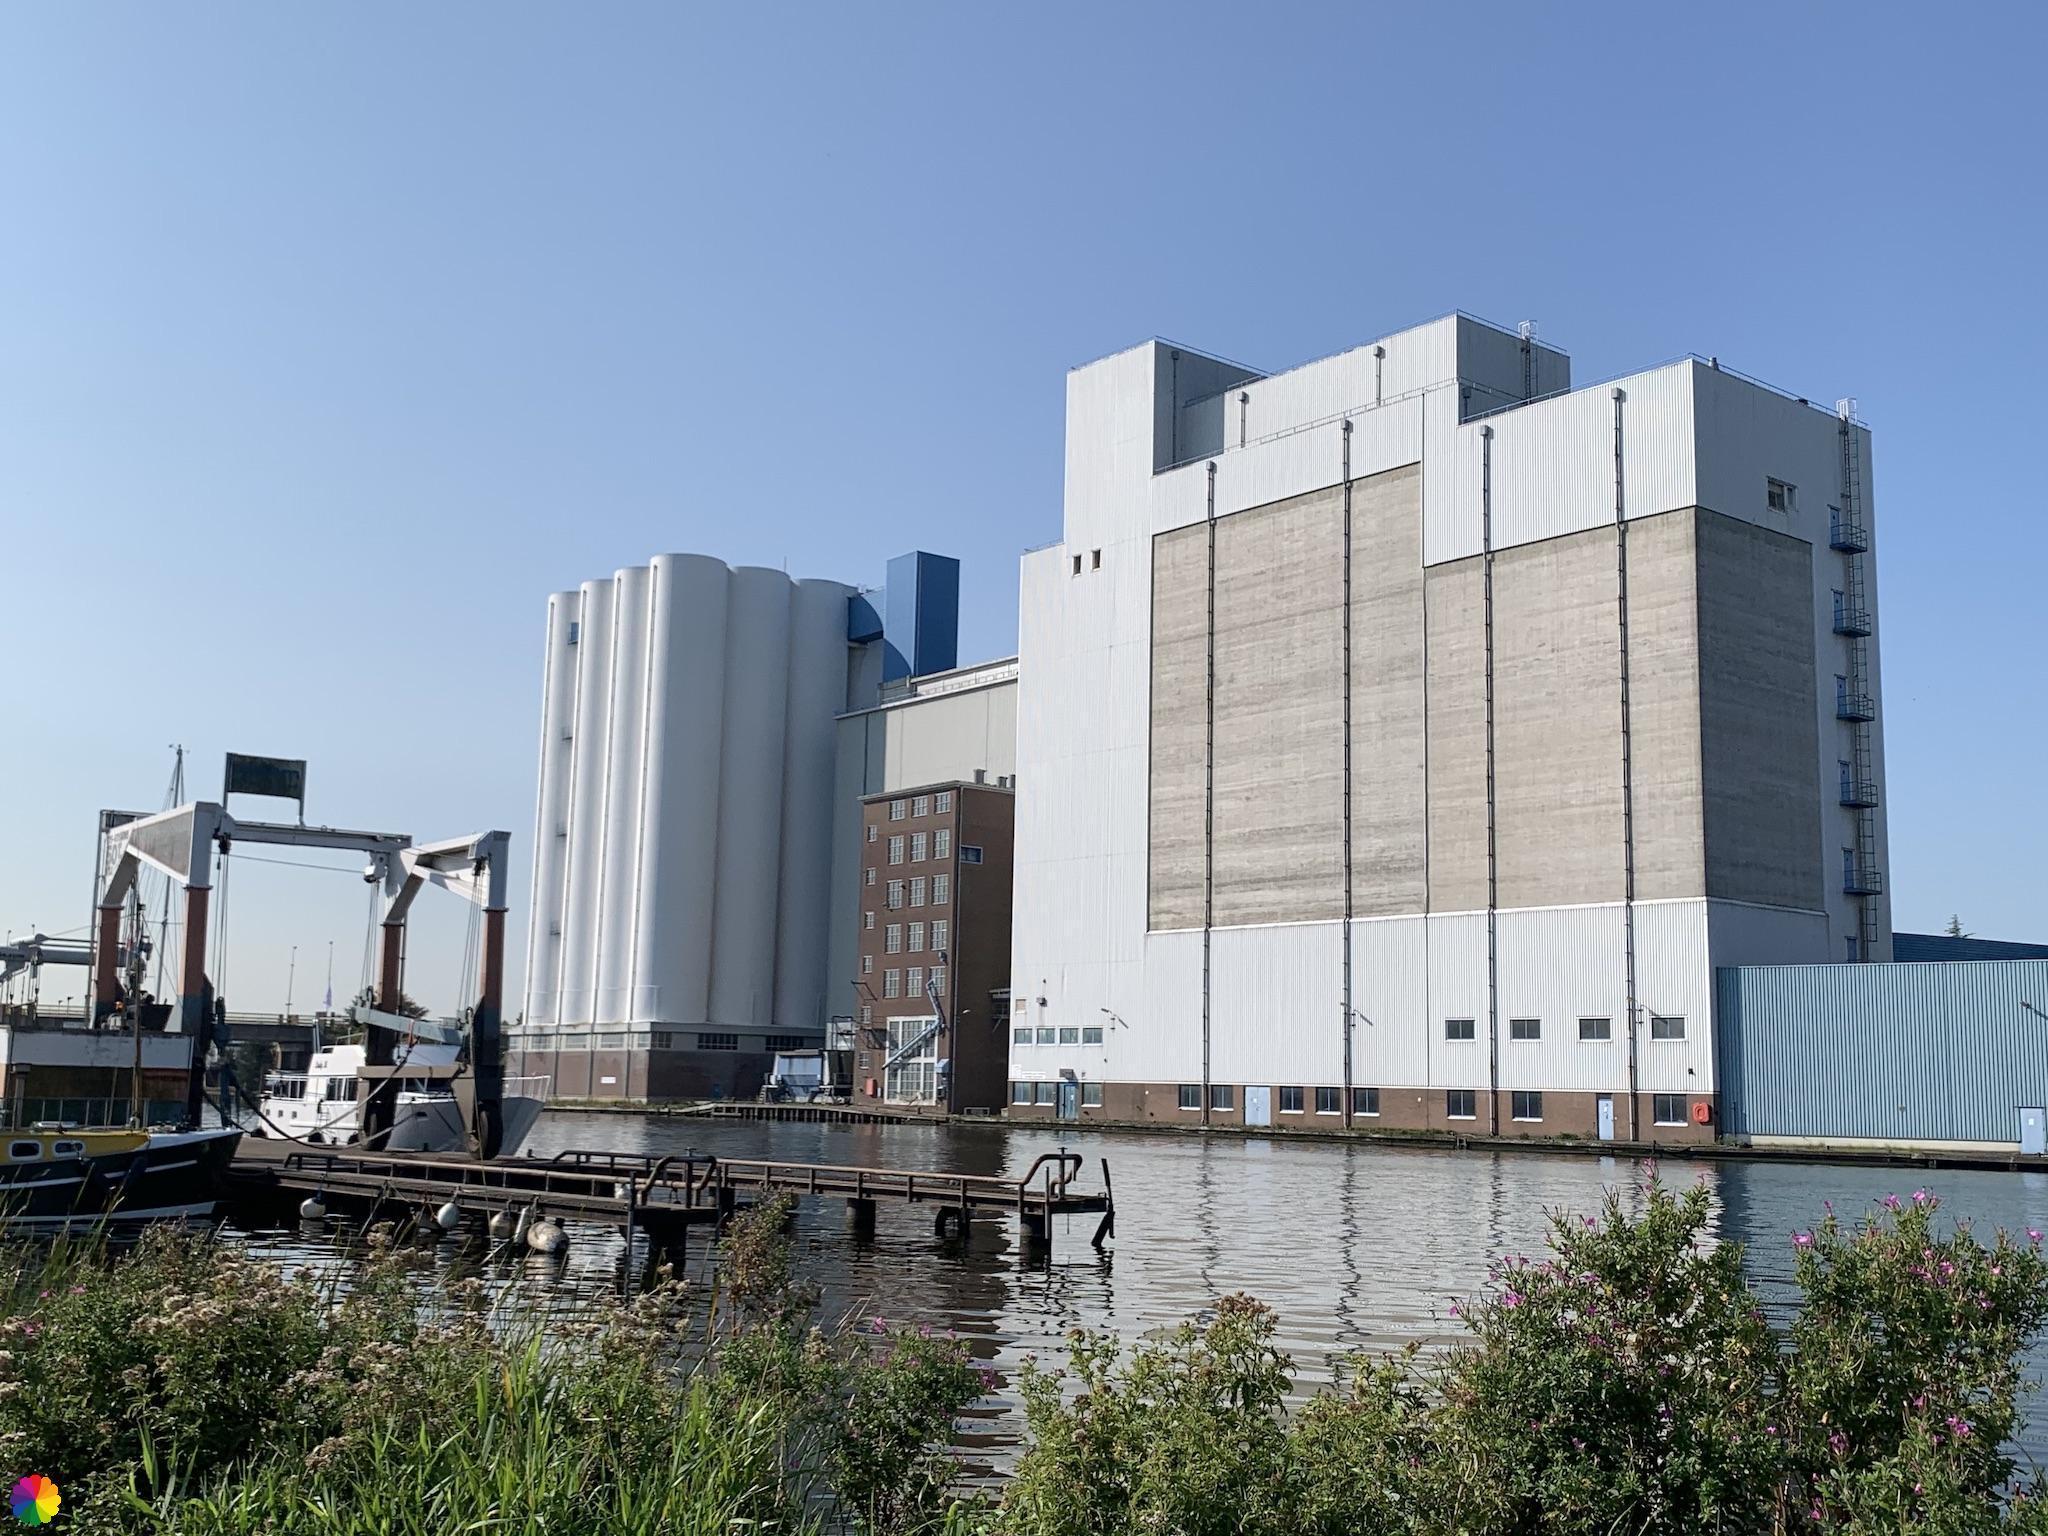 Fabriek aan de Zaan